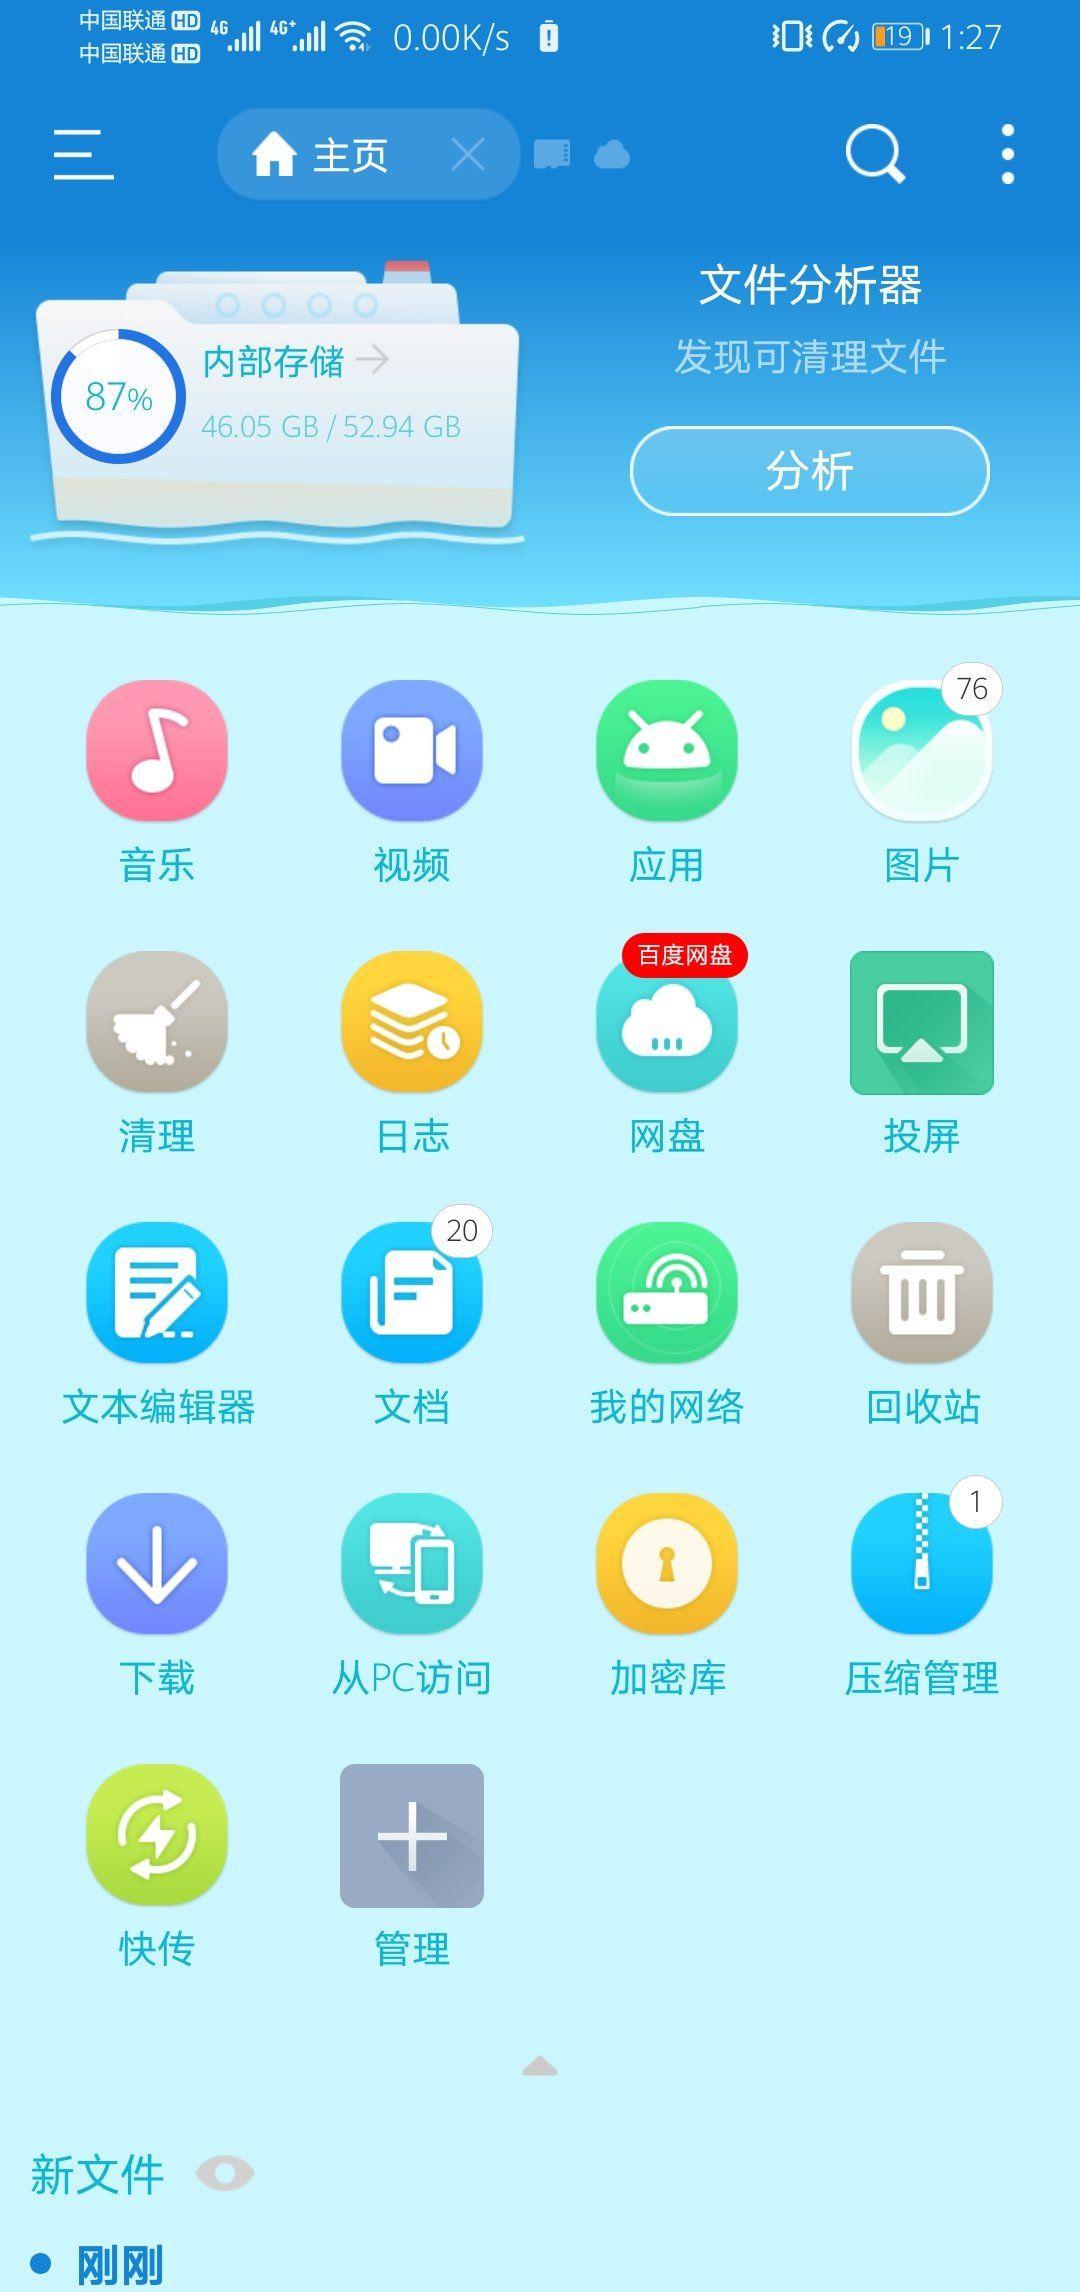 【Android】ES文件浏览器V4.2.3.5.1去广告解锁高级版-爱资源分享